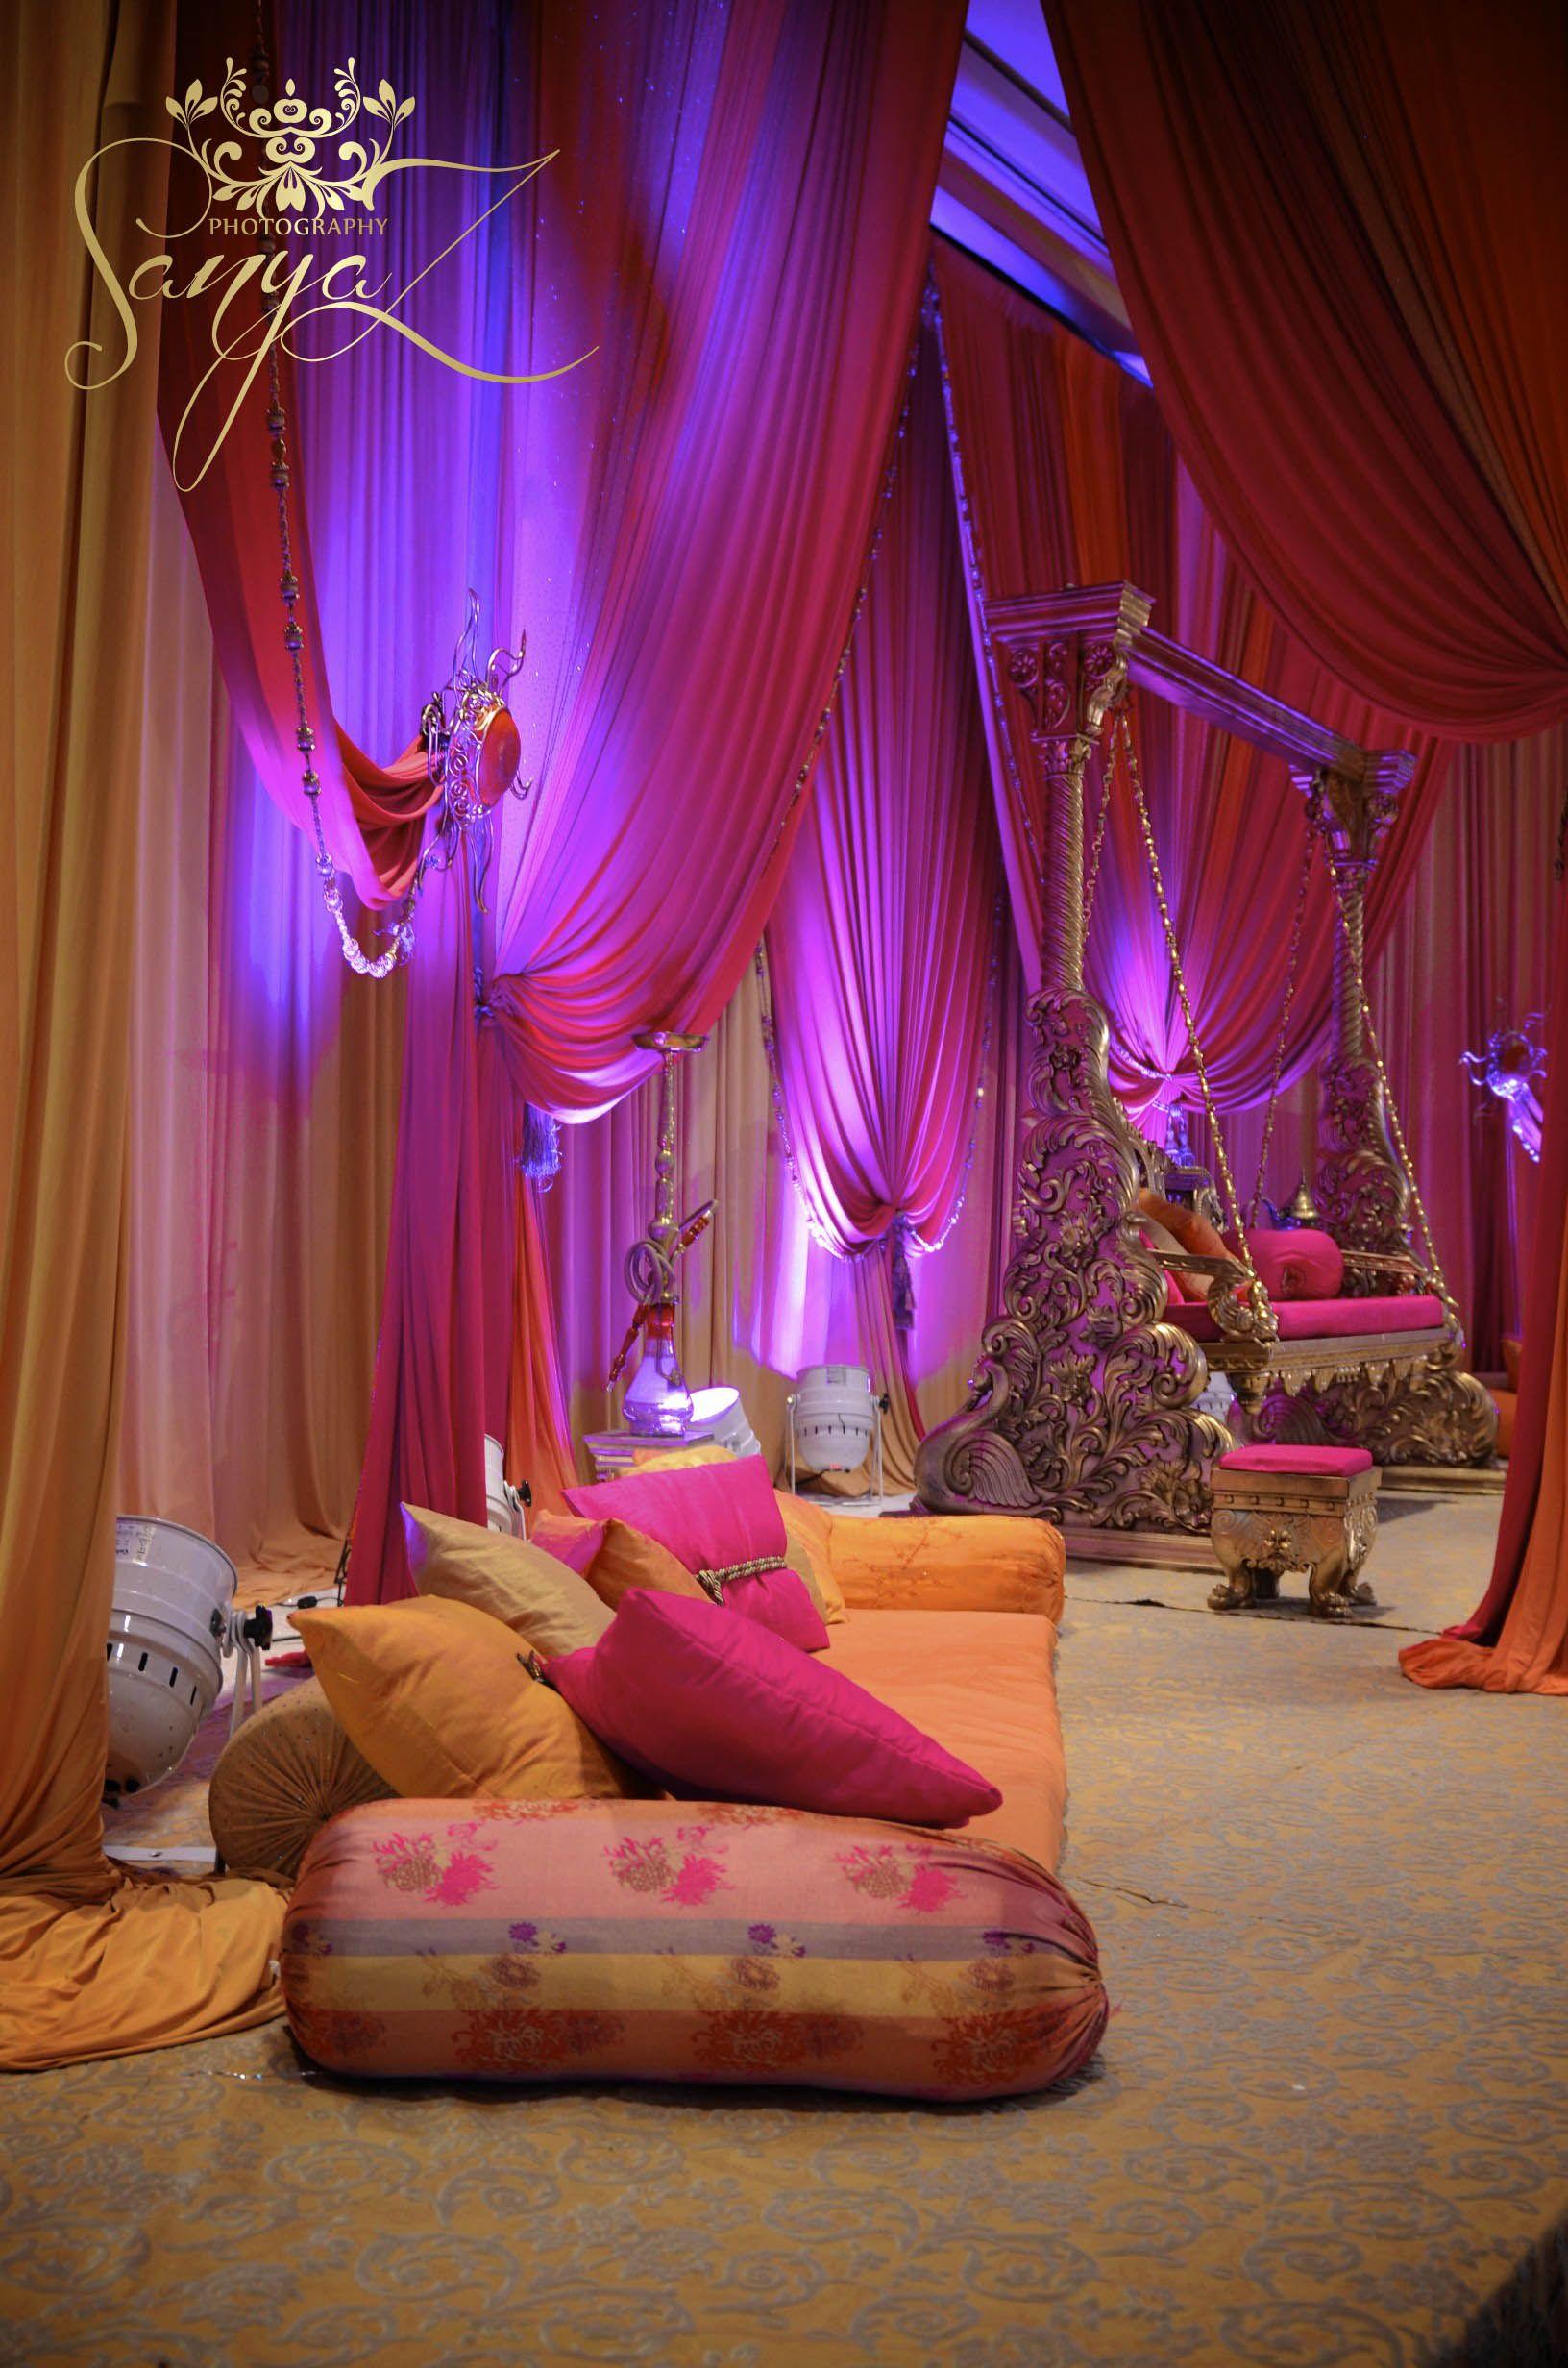 3351fe7a2641c4f02706054837b529f2 480×720 pixels | weddings